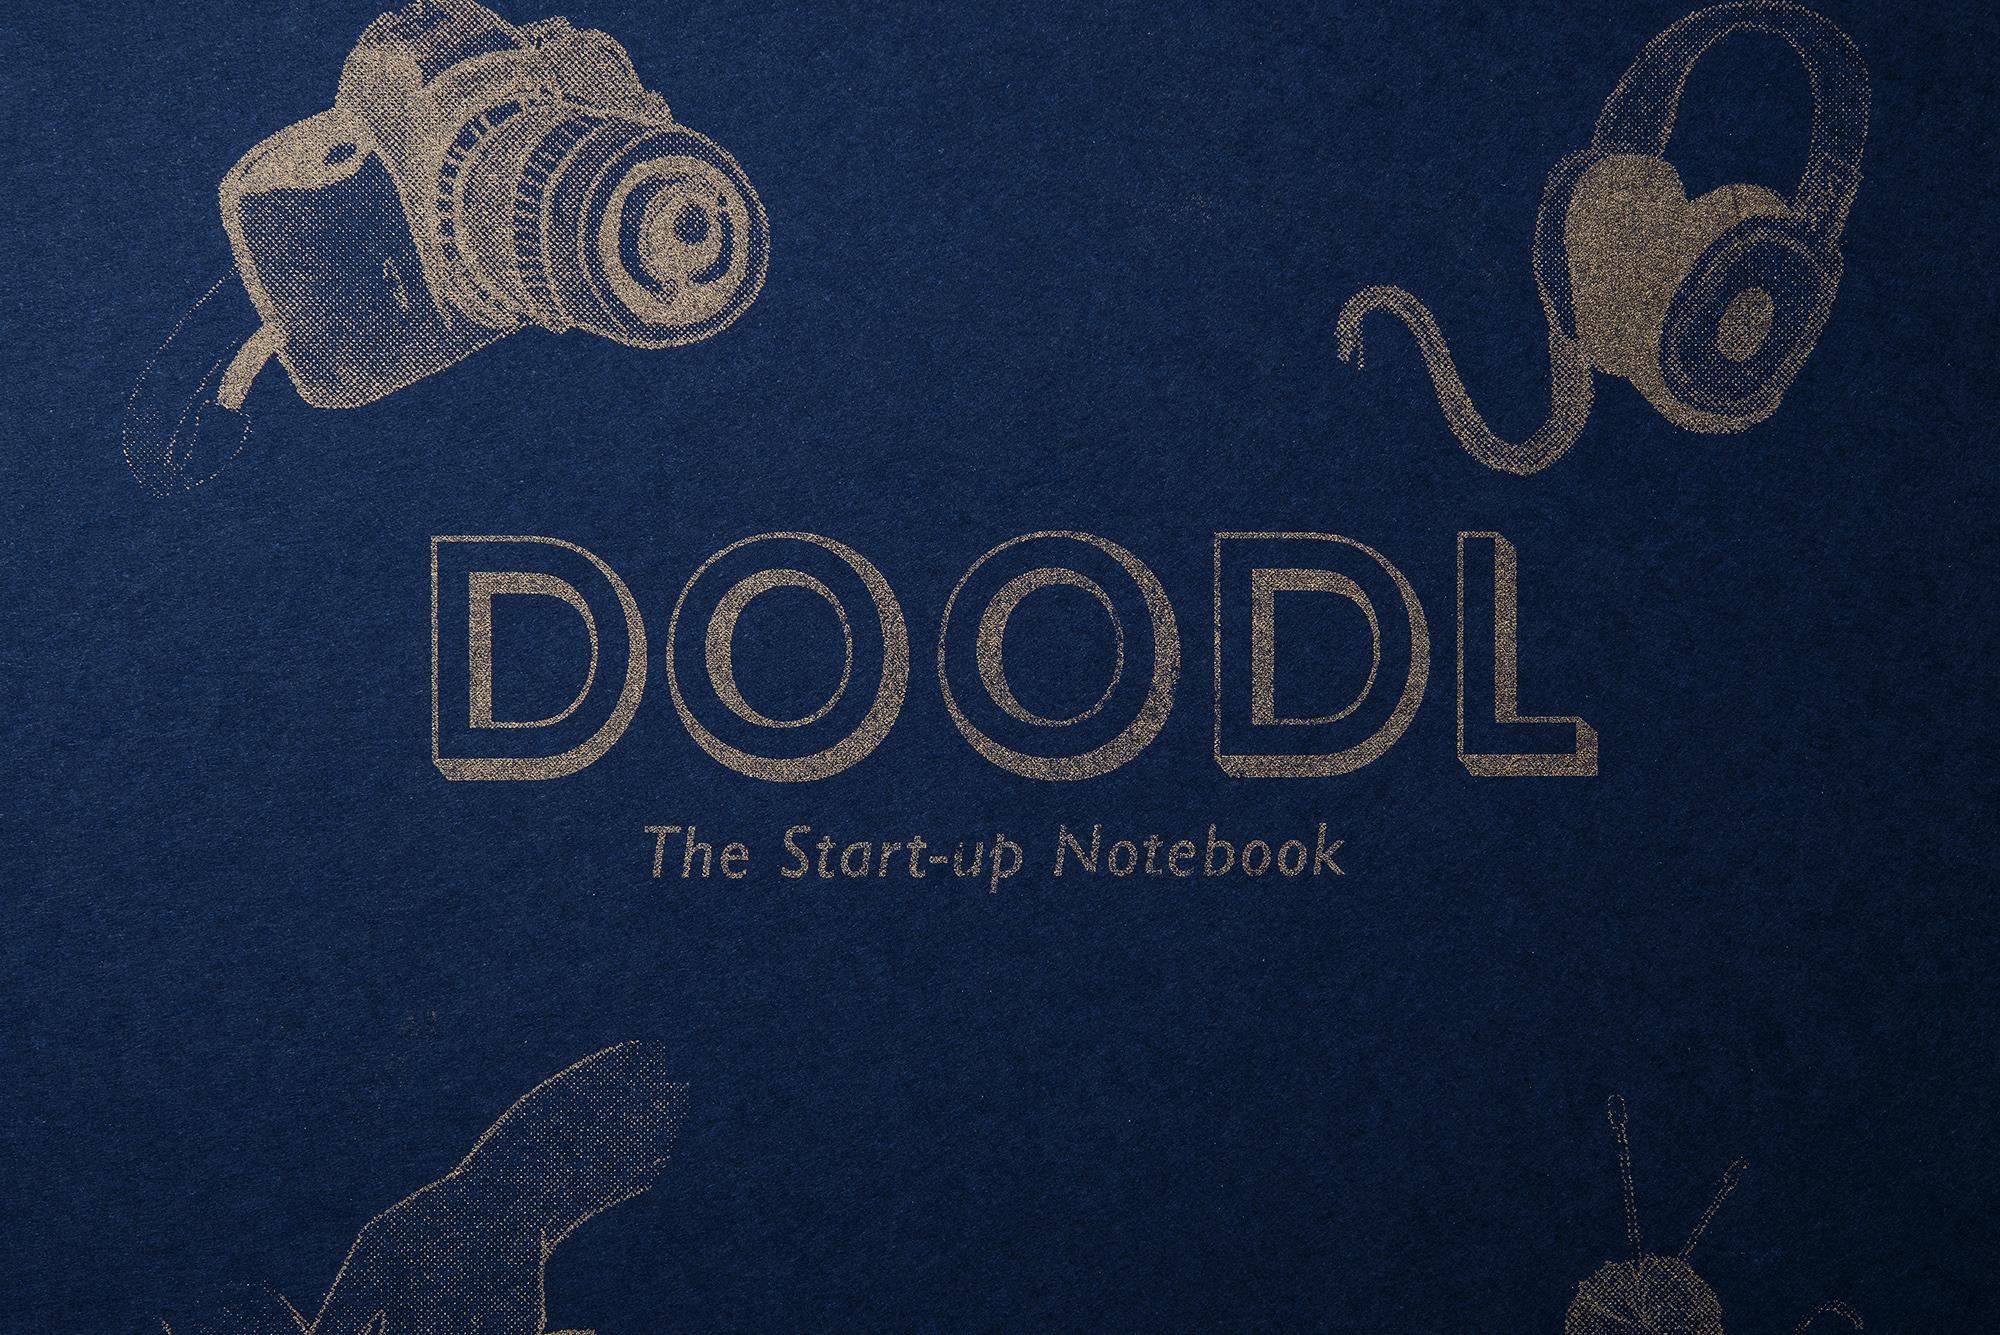 Doodl-Notebook-for-startups-RCF-19.jpg